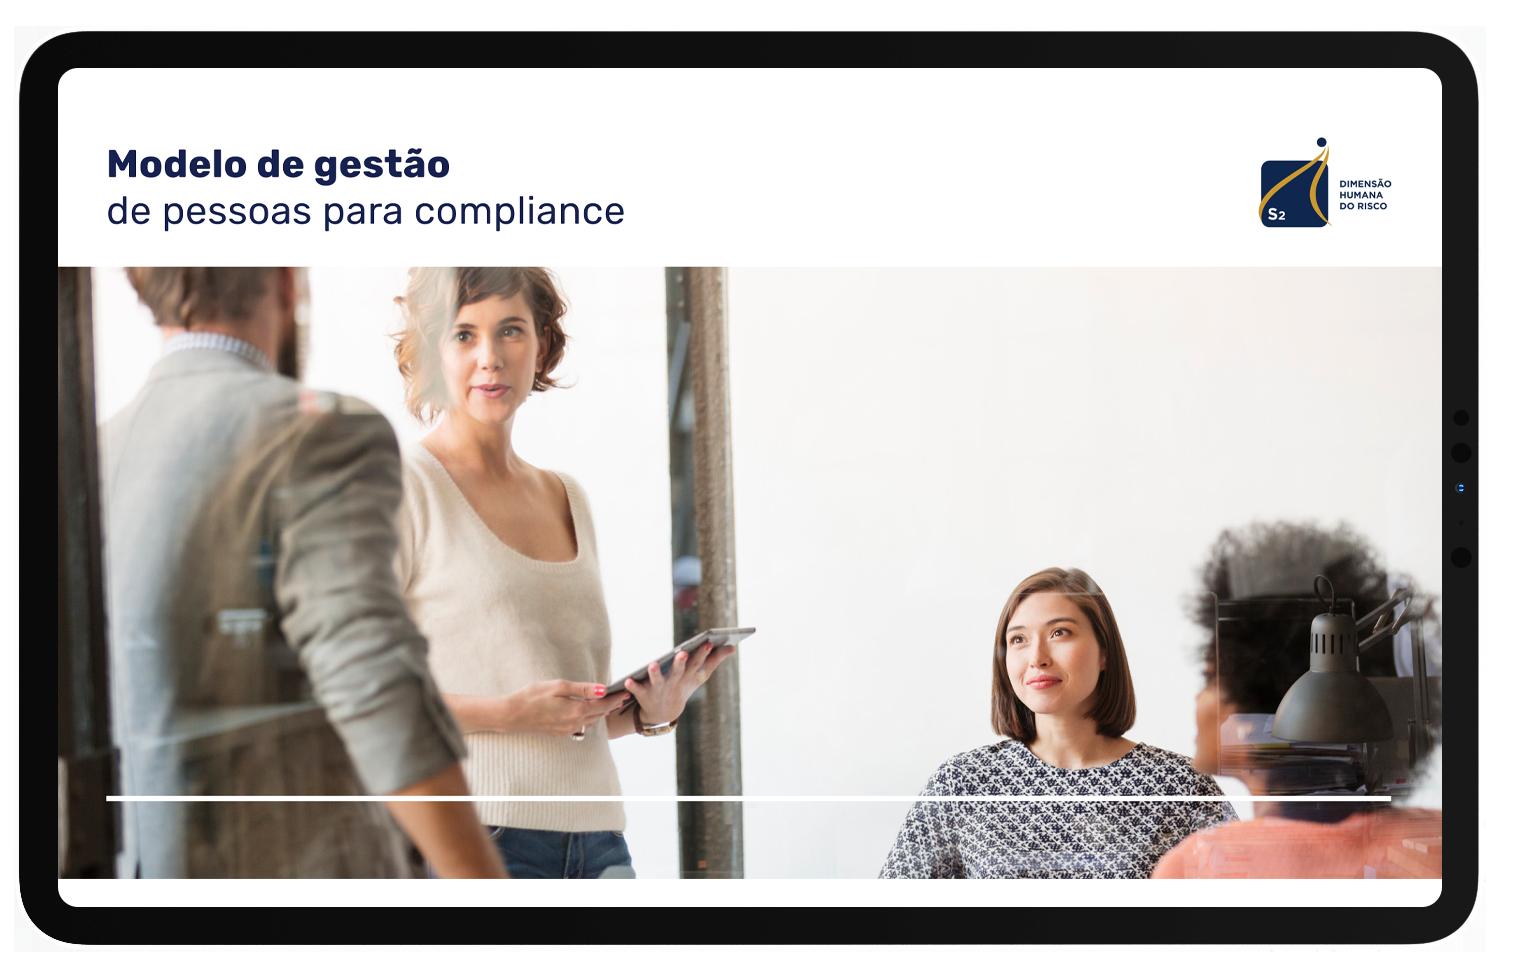 Modelo de gestão de pessoas para compliance